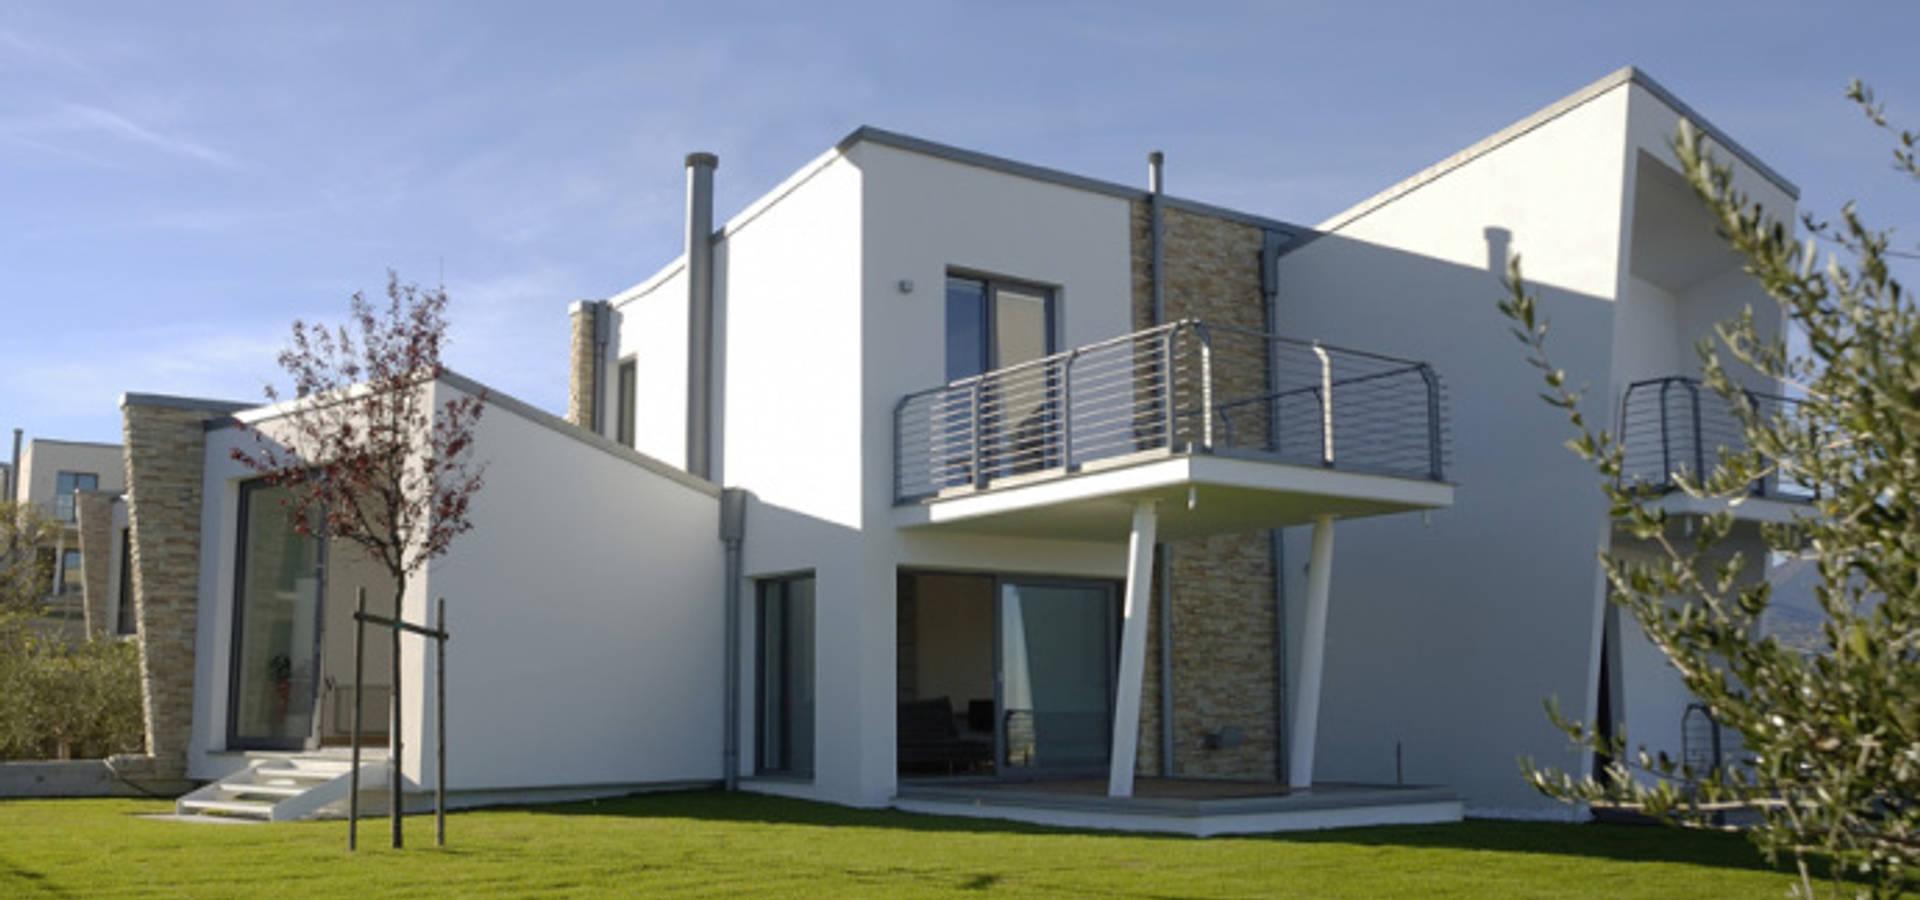 Complesso residenziale mirante di pomp0ni associati srl for Piani e progetti di case contemporanee